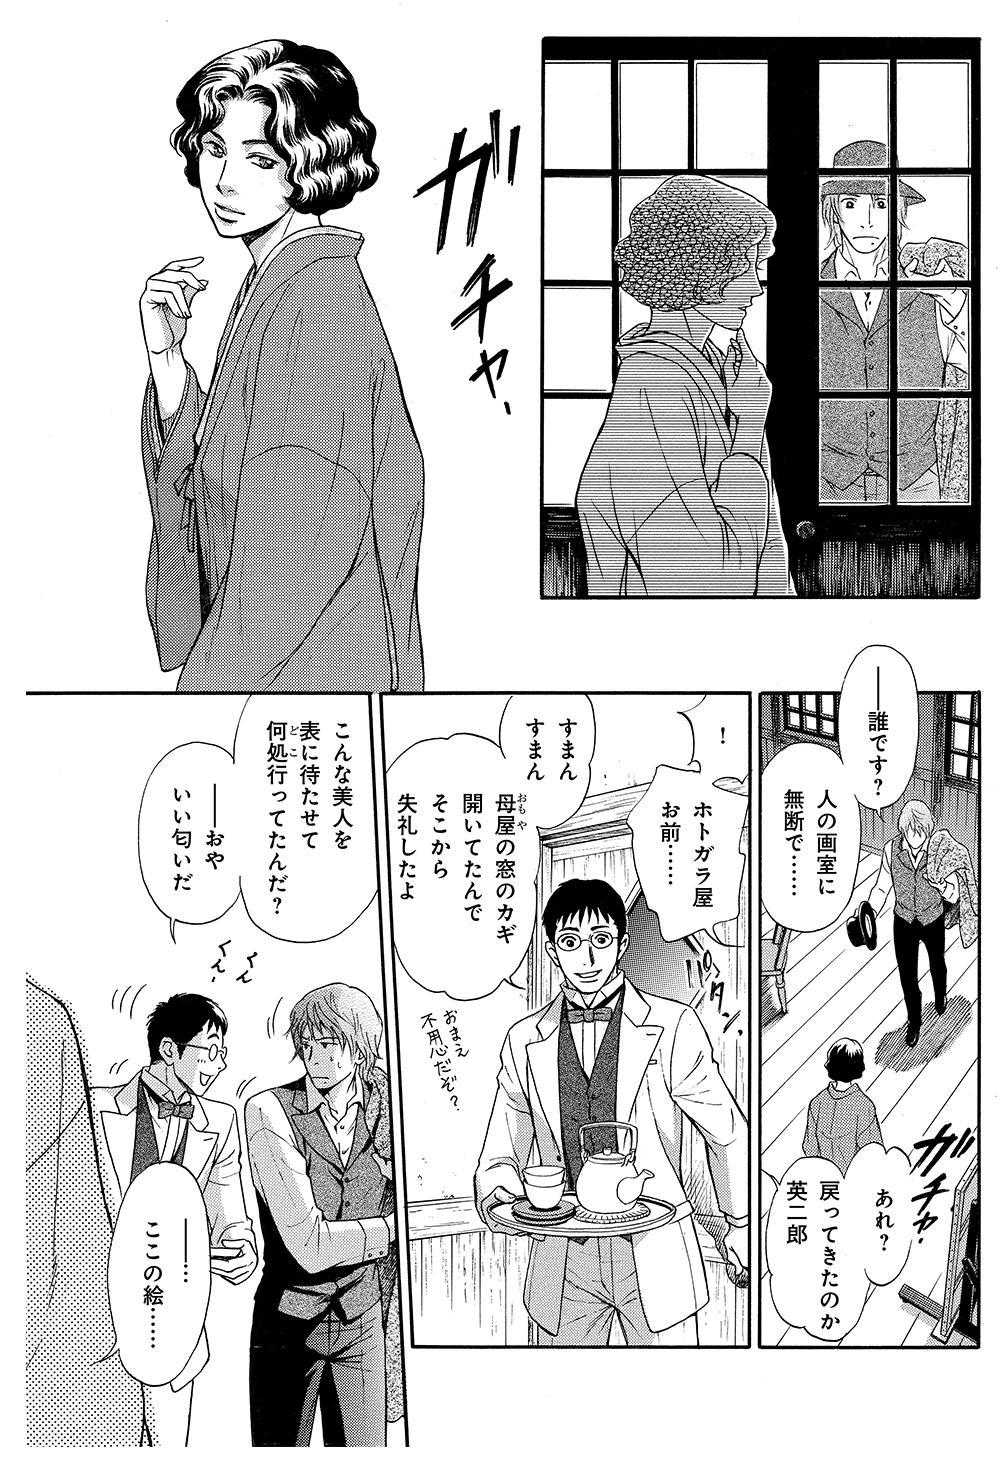 鵼の絵師 第2話「おきみやげ」①nue03-05.jpg